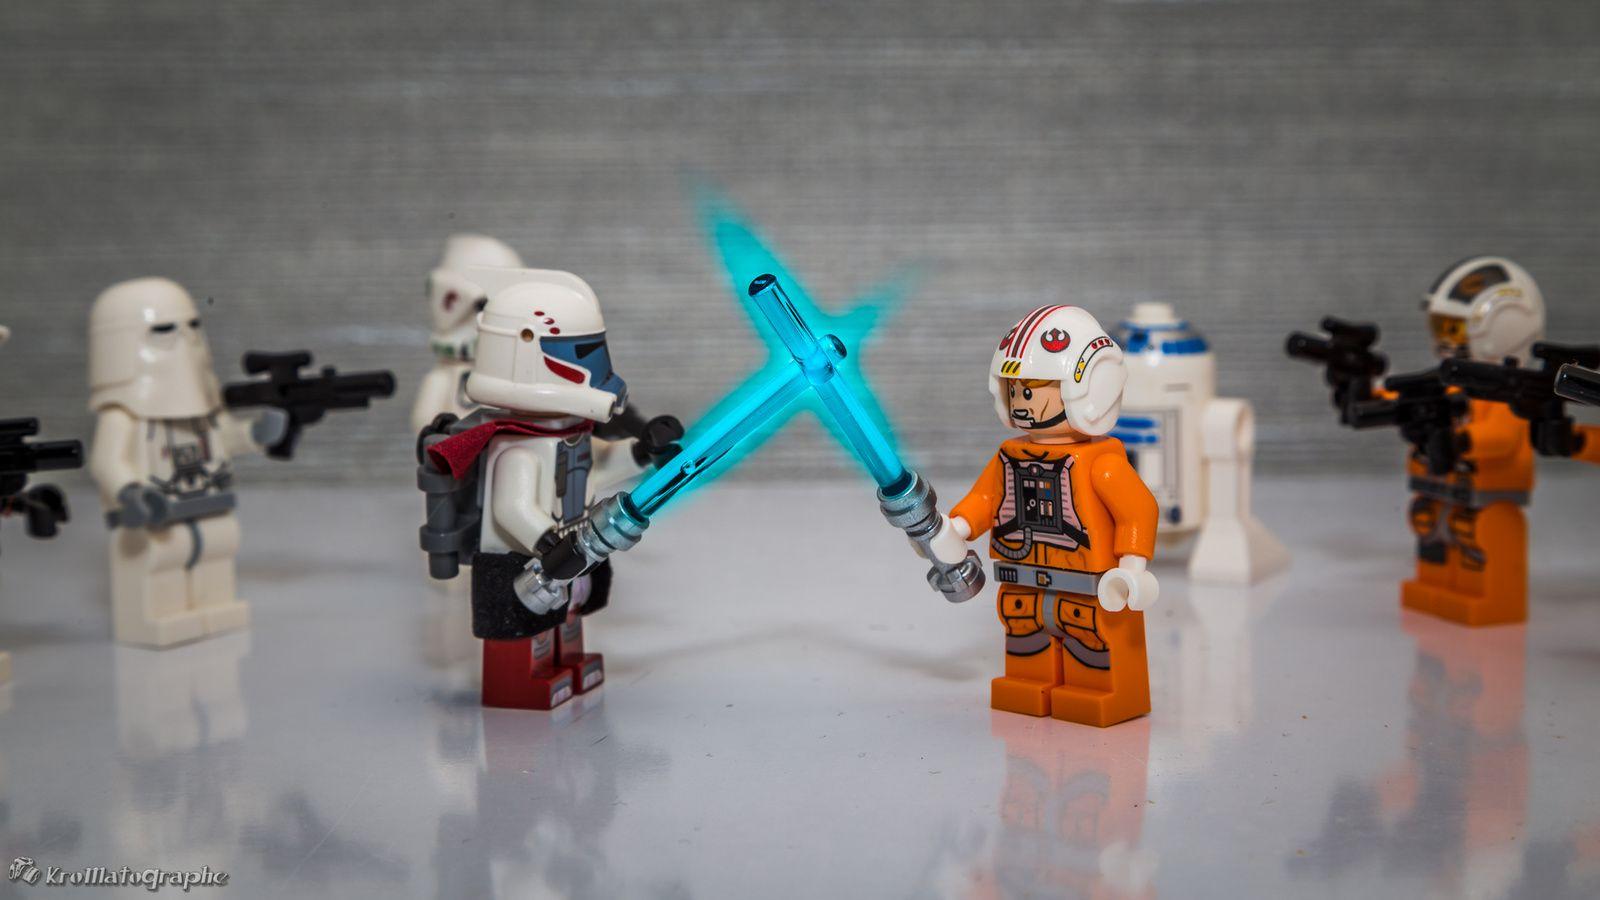 Let's Go pour les legos !